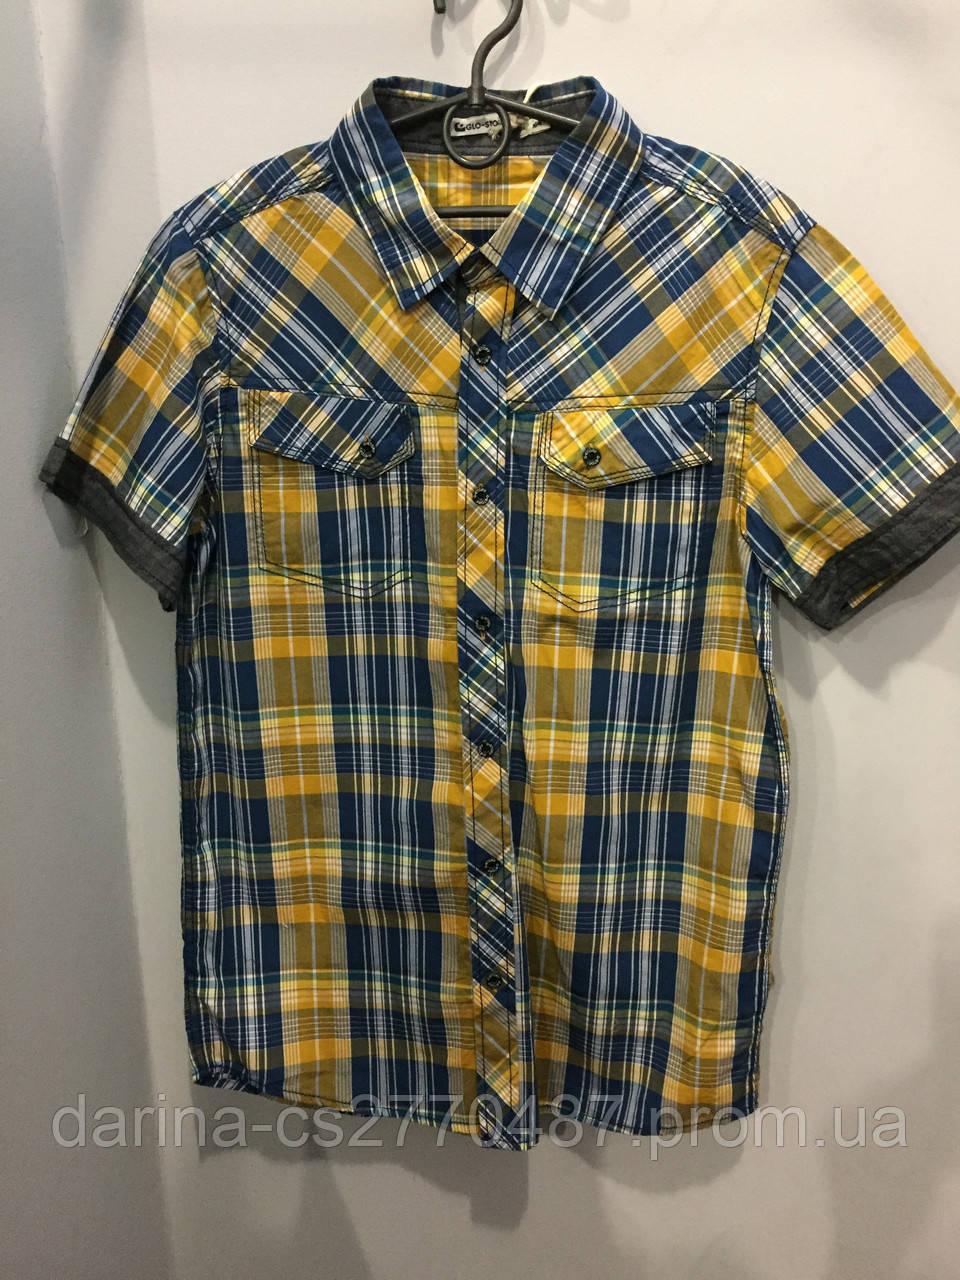 Рубашка в клетку на мальчика подростка